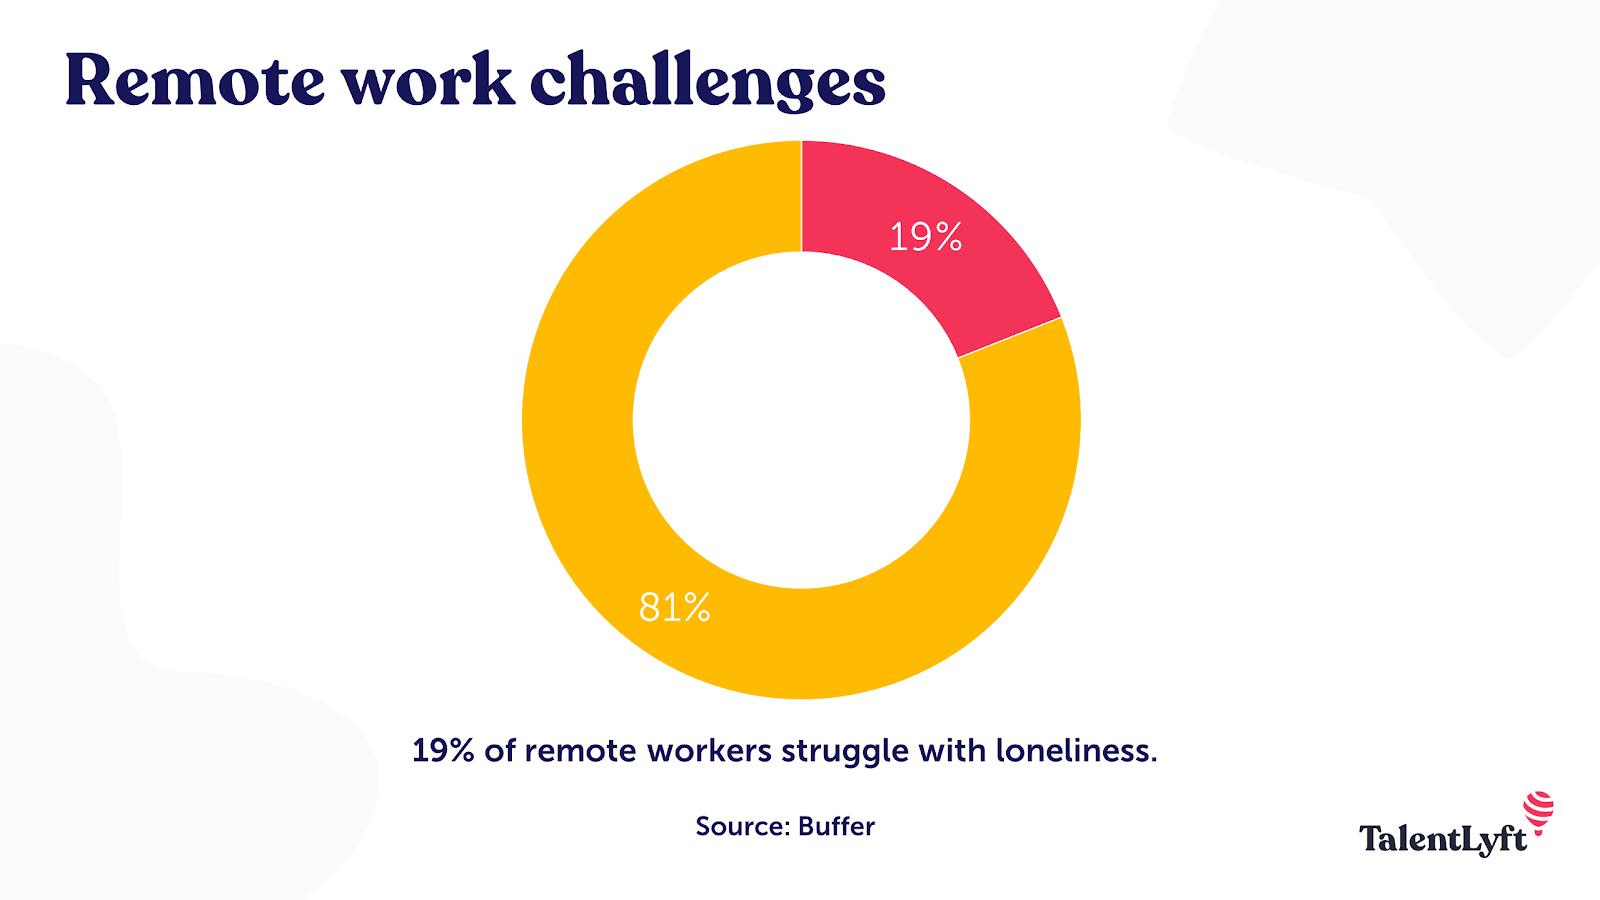 Greatest-remote-work-challenge